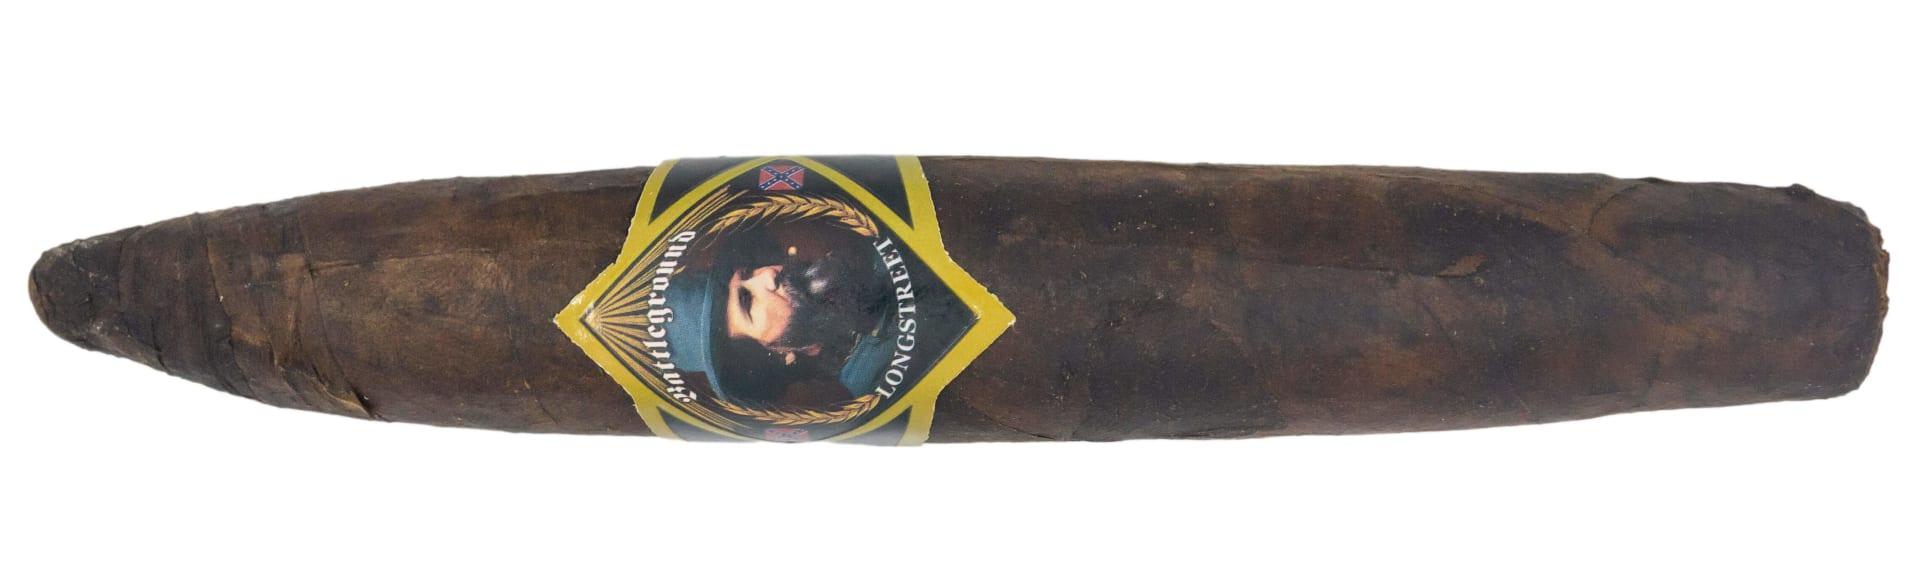 Blind Cigar Review: Battleground | General Longstreet Featured Image